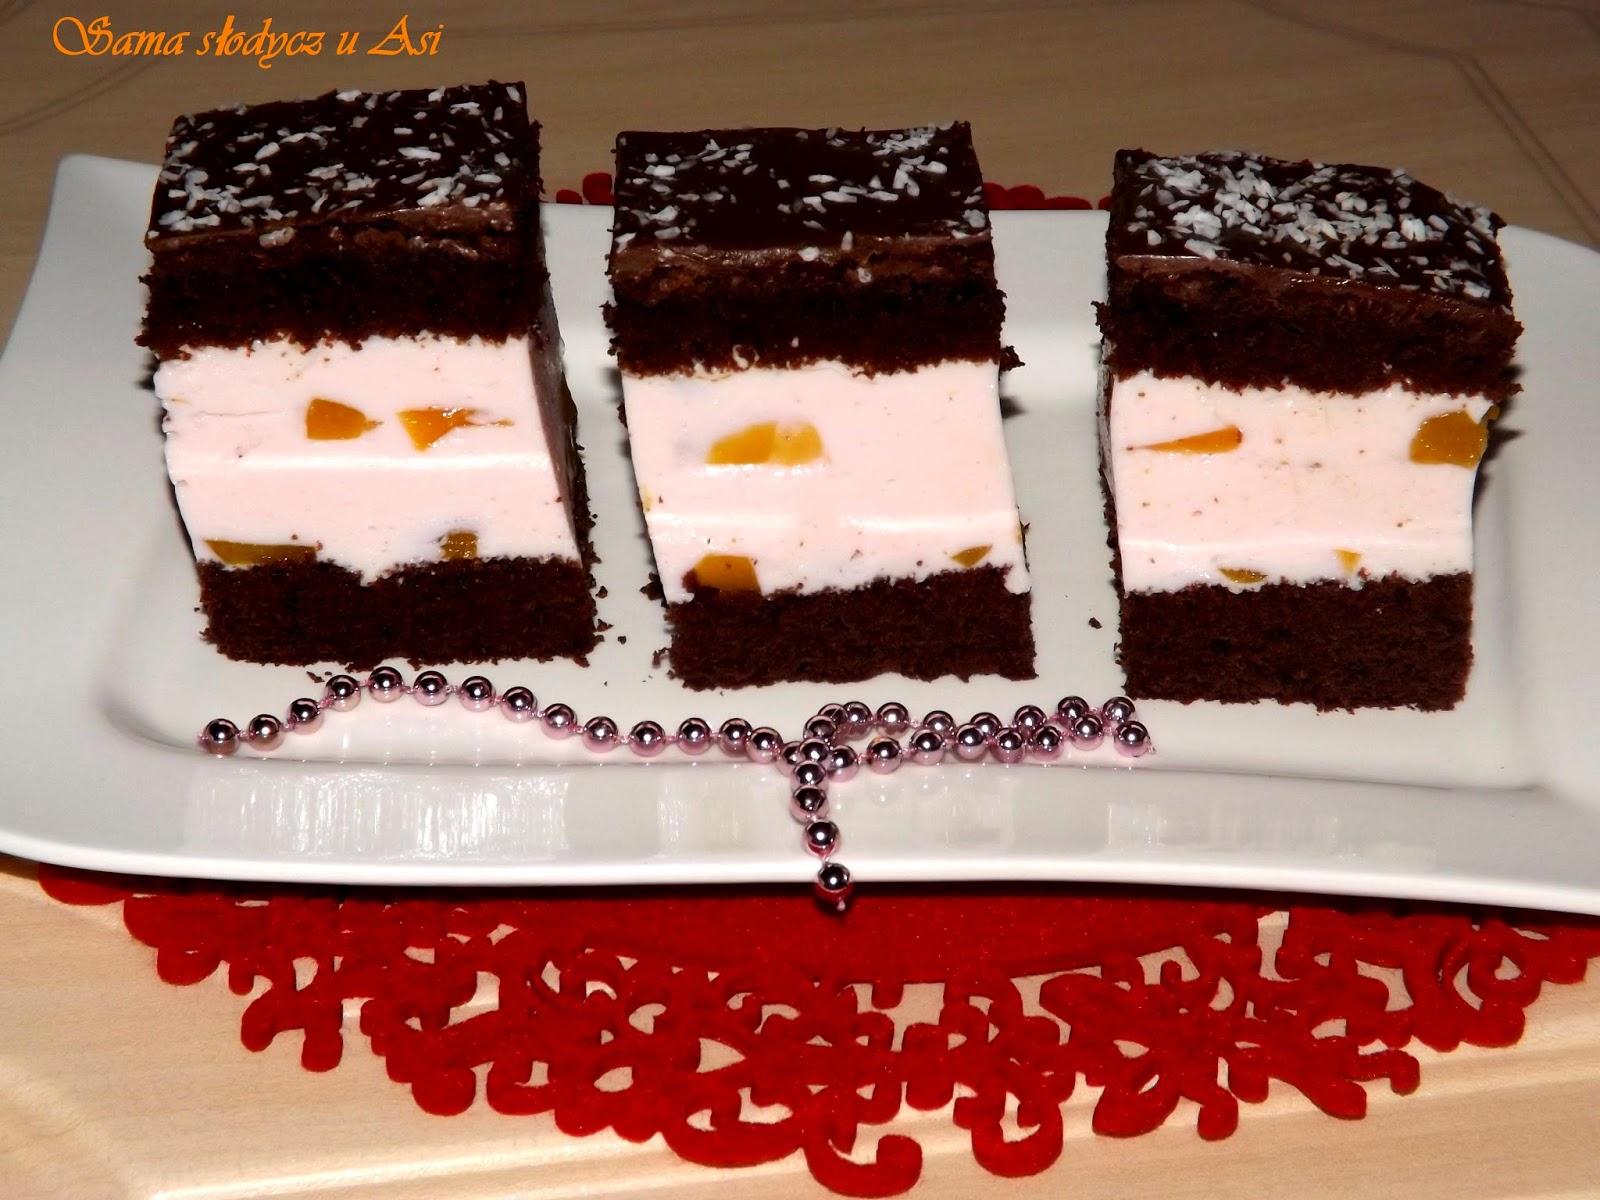 Ciasto kakaowe z serem